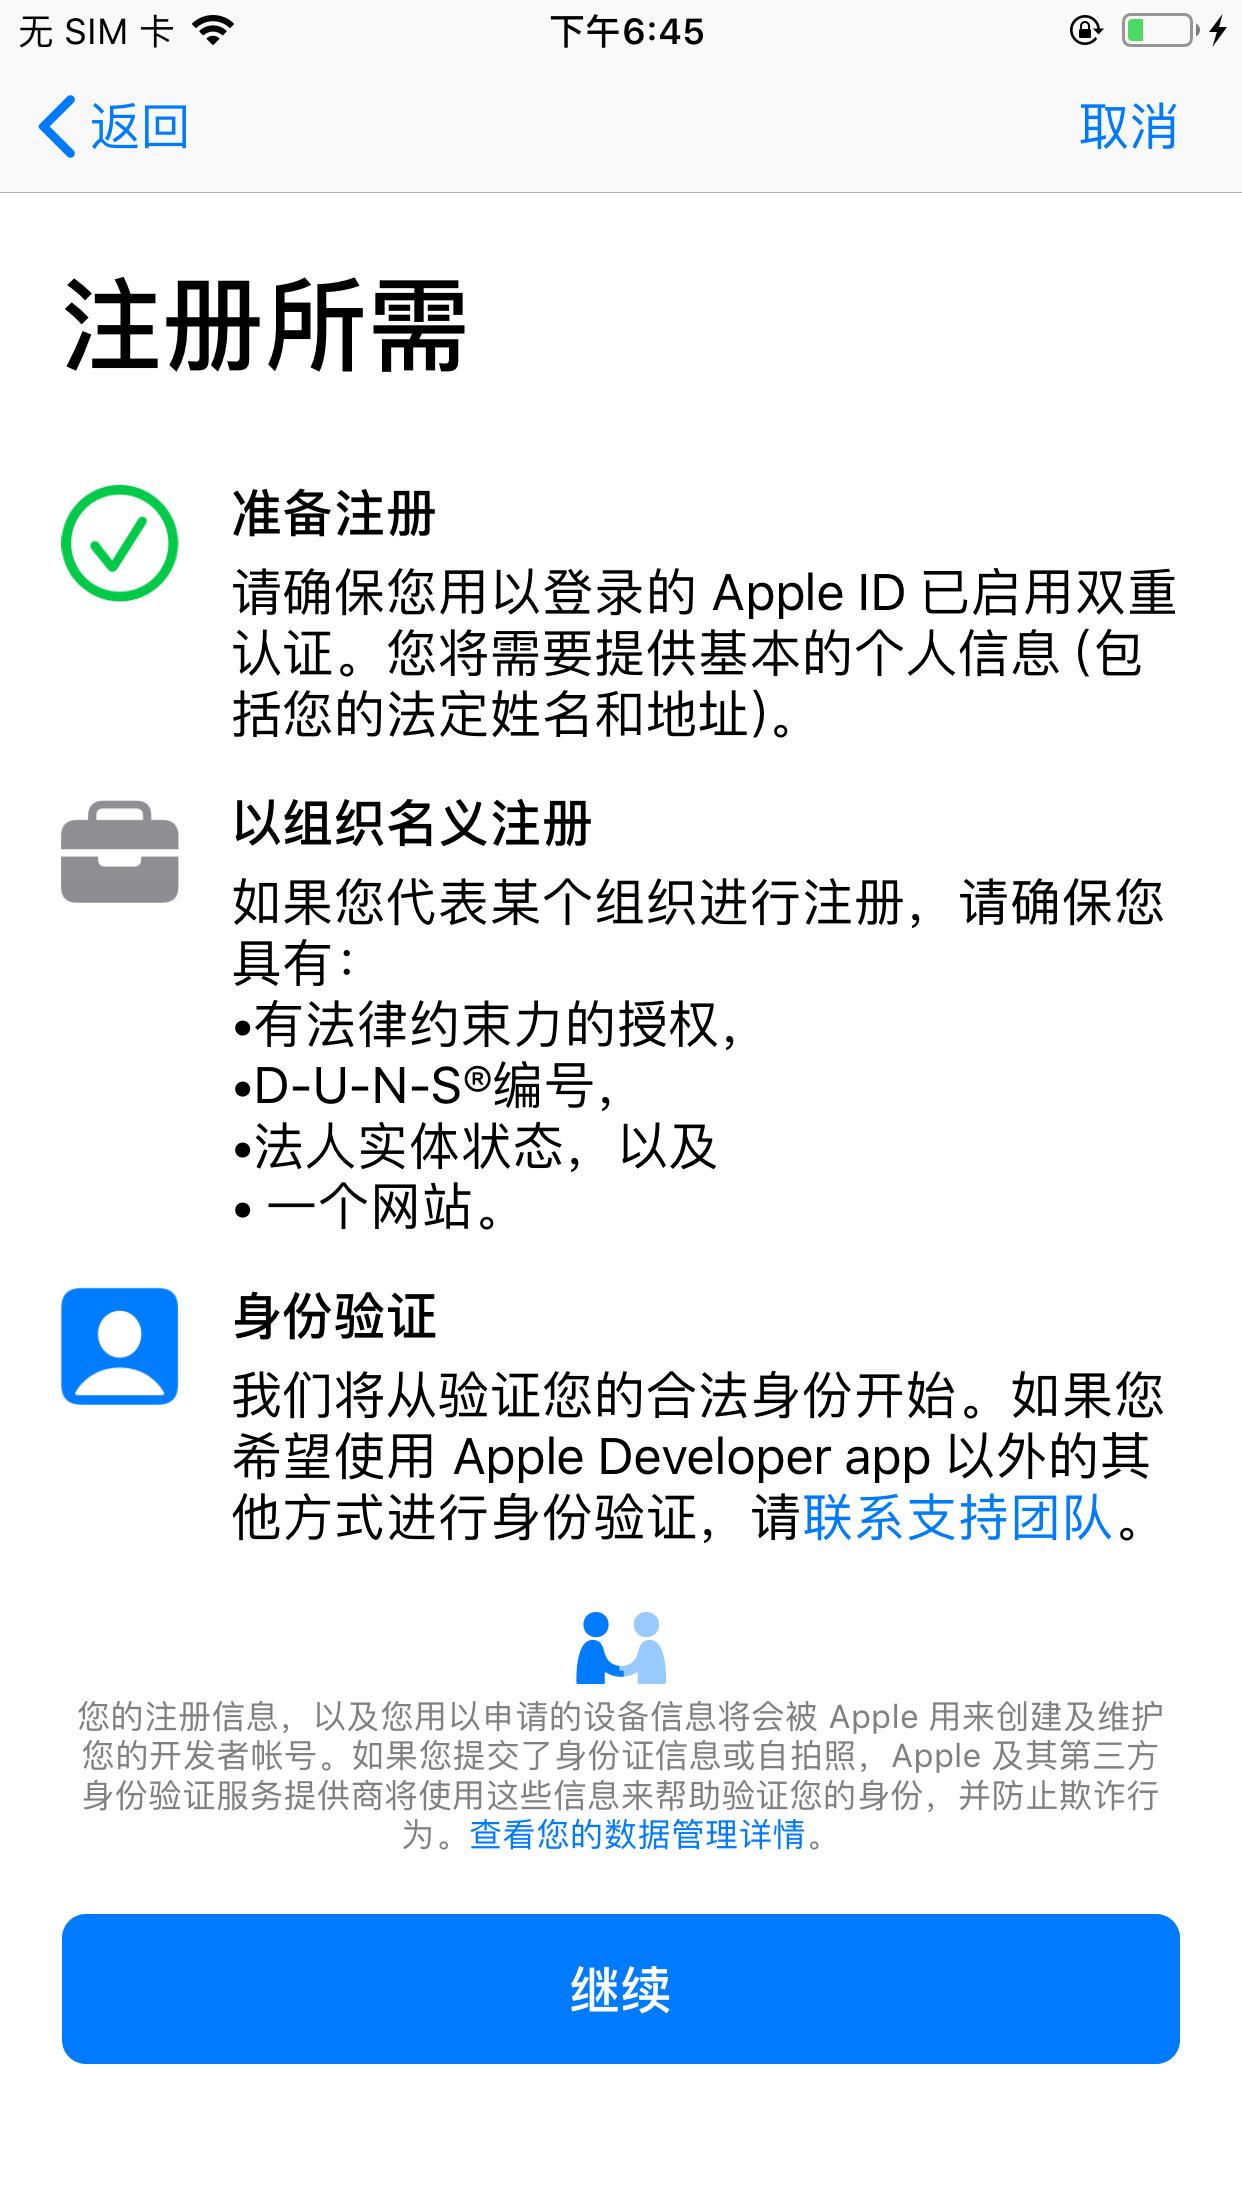 鸟哥笔记,ASO,王不饿啊,应用商店,总结,苹果